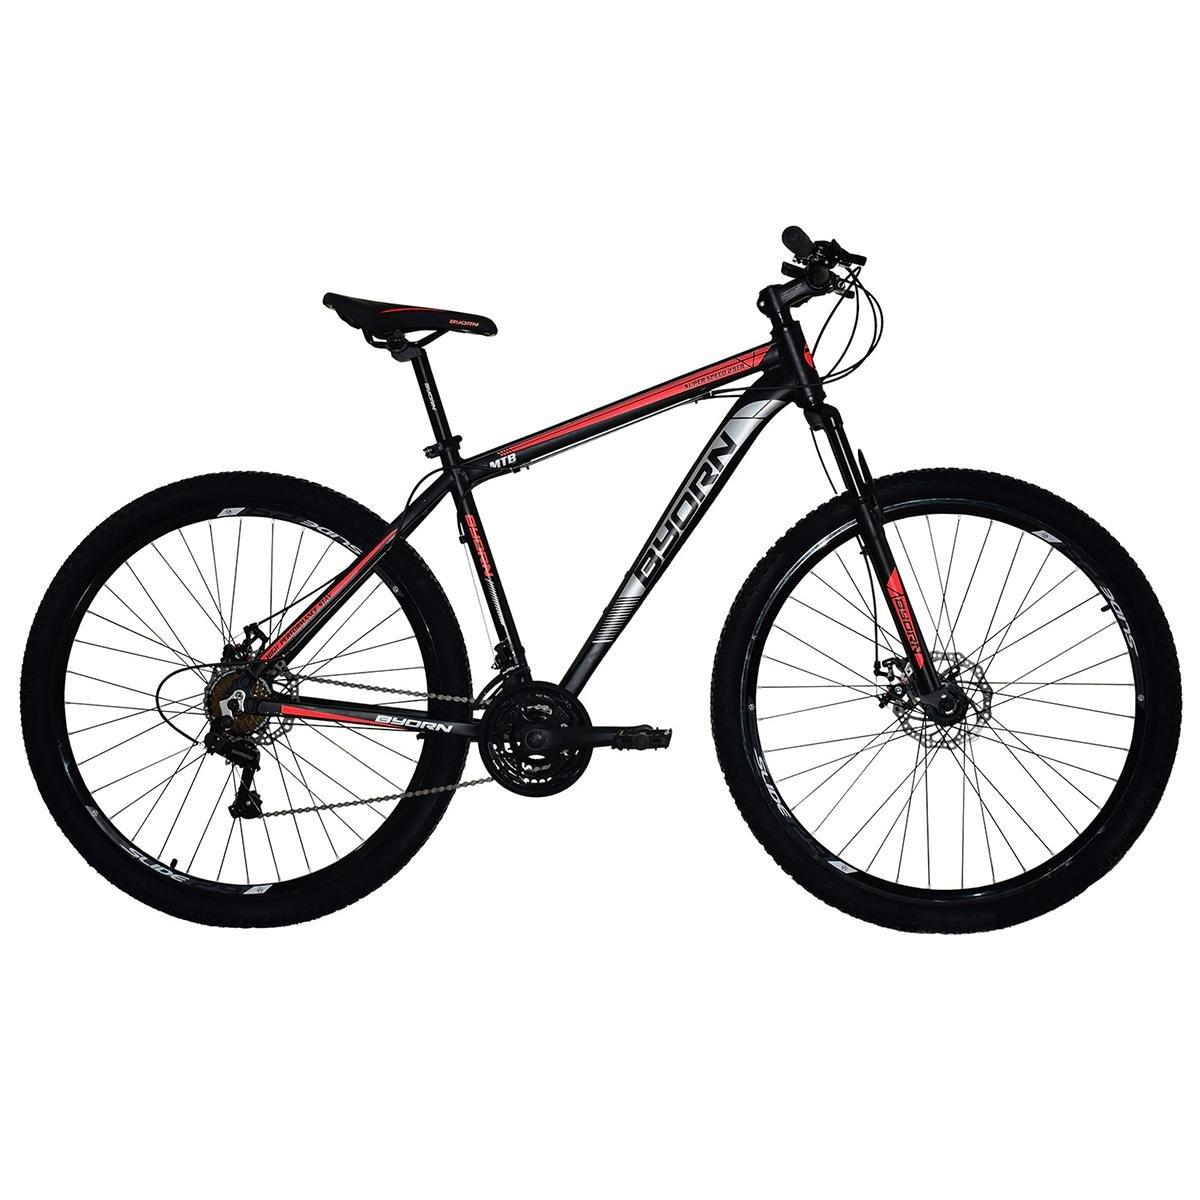 Bicicleta Byorn Super Speed T17 Aro 29 Susp. Dianteira 21 Marchas - Preto/vermelho